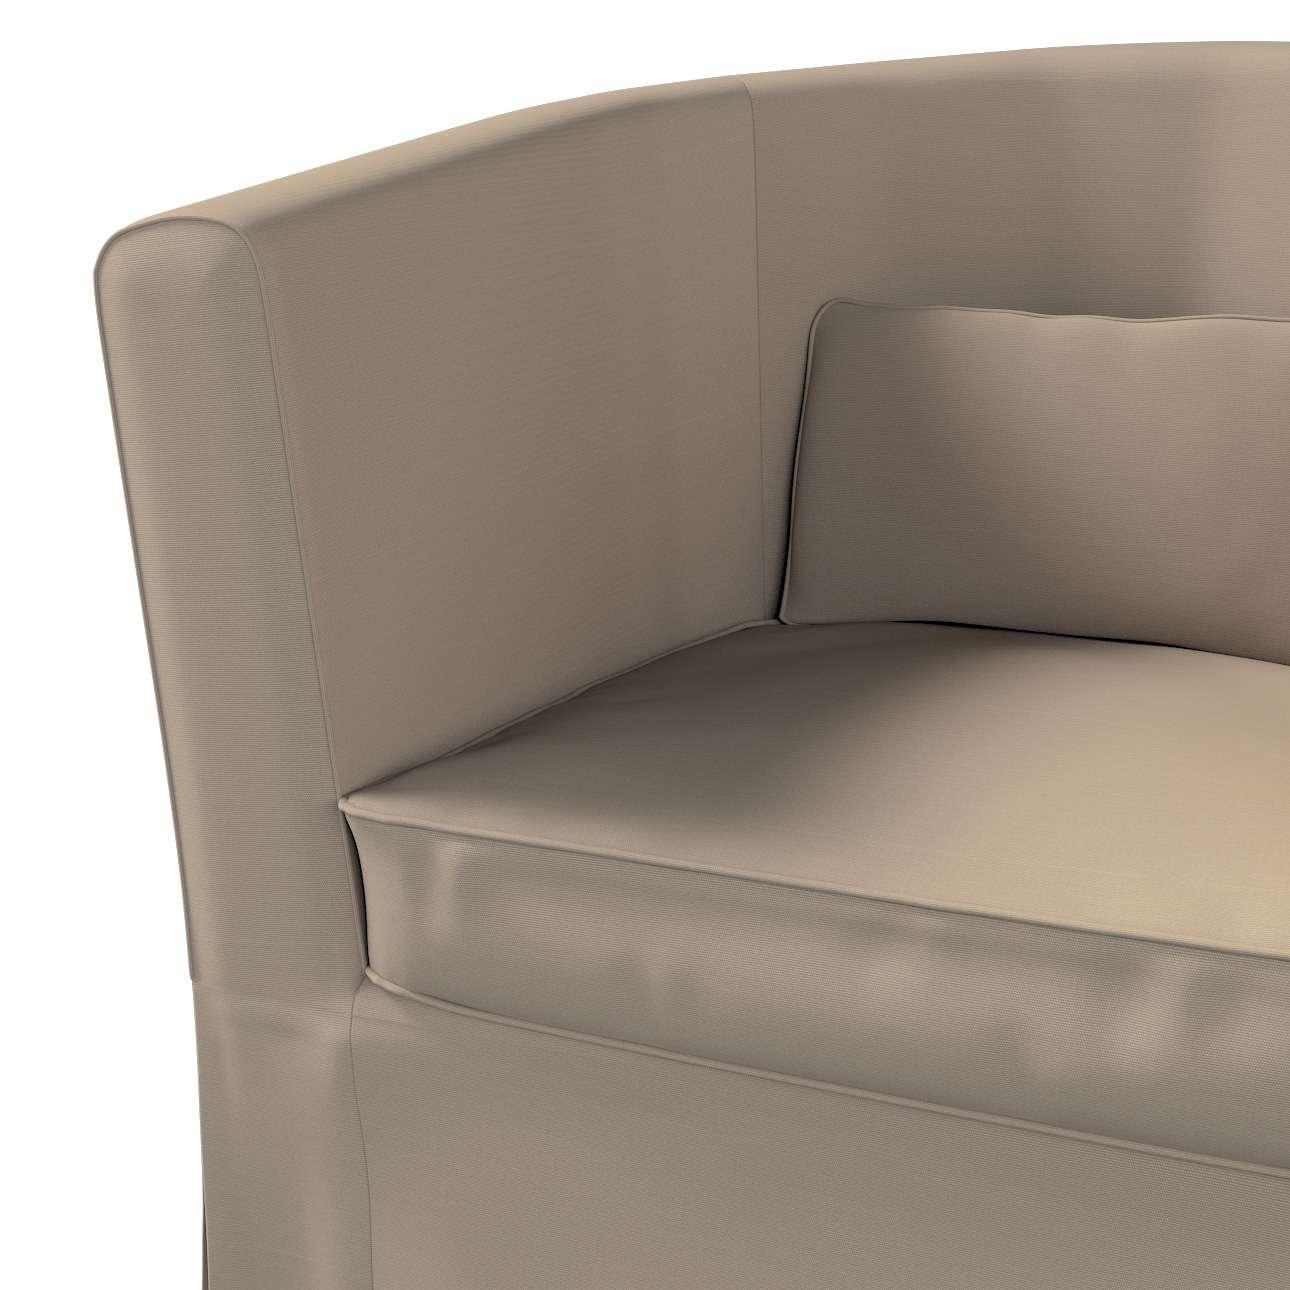 Pokrowiec na fotel Ektorp Tullsta w kolekcji Cotton Panama, tkanina: 702-28